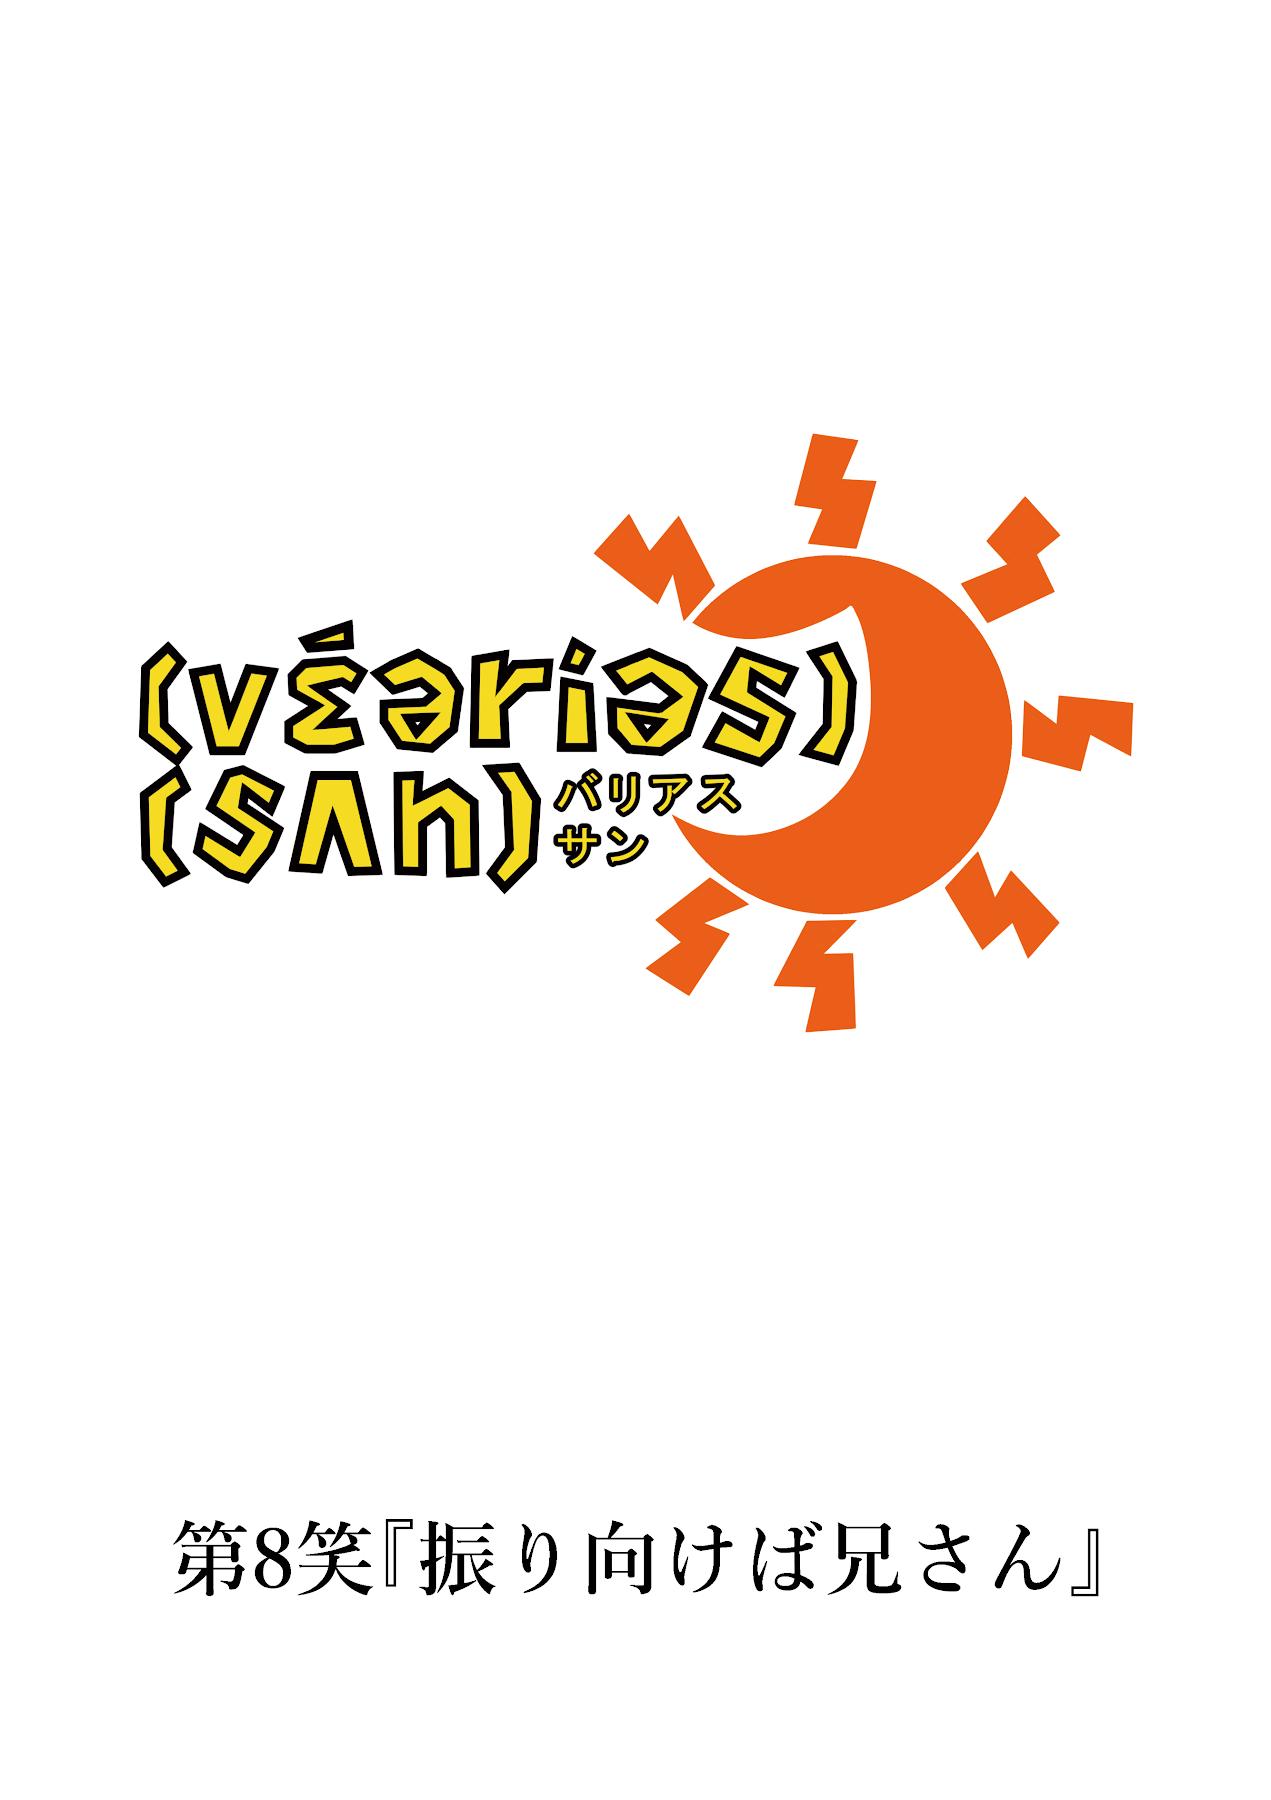 バリアス・サン8_1